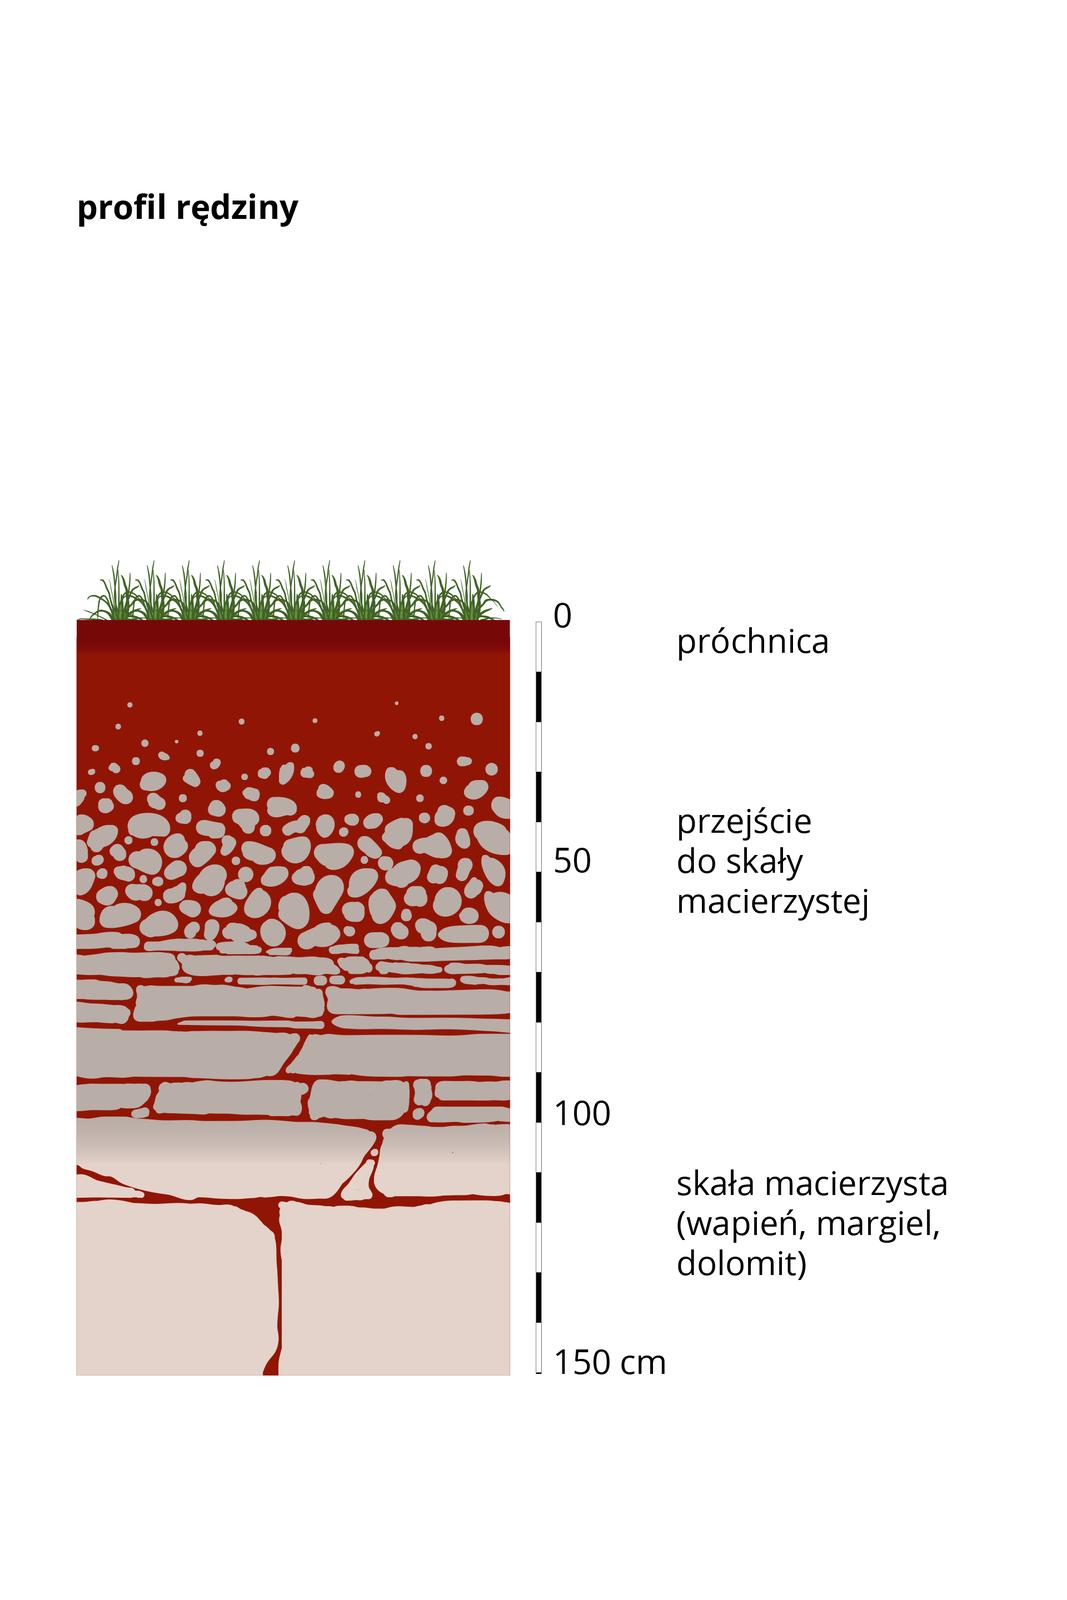 Prostokątny pas – przekrój profilu glebowego rędziny. Dolną warstwę stanowi skała macierzysta – czyli skała wapienna. Na rysunku wkolorze białym. Im wyżej tym skała bardziej popękana irozdrobniona. Wierzchnią warstwę stanowi próchnica. Rędzina ma cienką warstwę glebową, grubą warstwę skały macierzystej wporównaniu do innych profilów glebowych. Zprawej strony umieszczono podziałkę iopisano wysokość wcentymetrach.